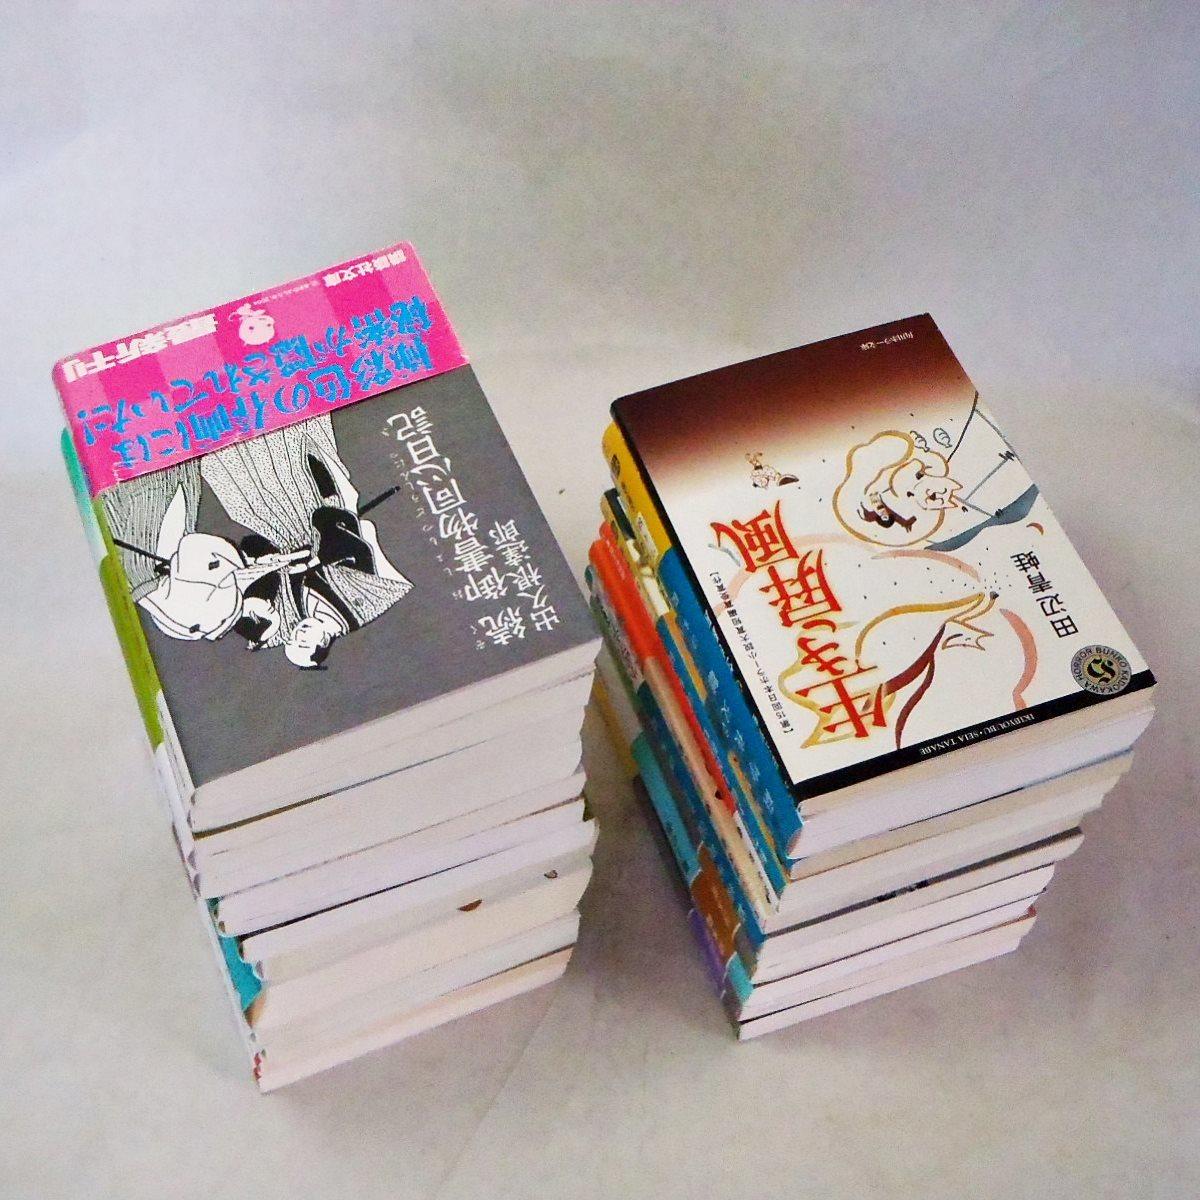 時代小説文庫版二十二冊と出久根達郎著作物九冊 送料込 _10